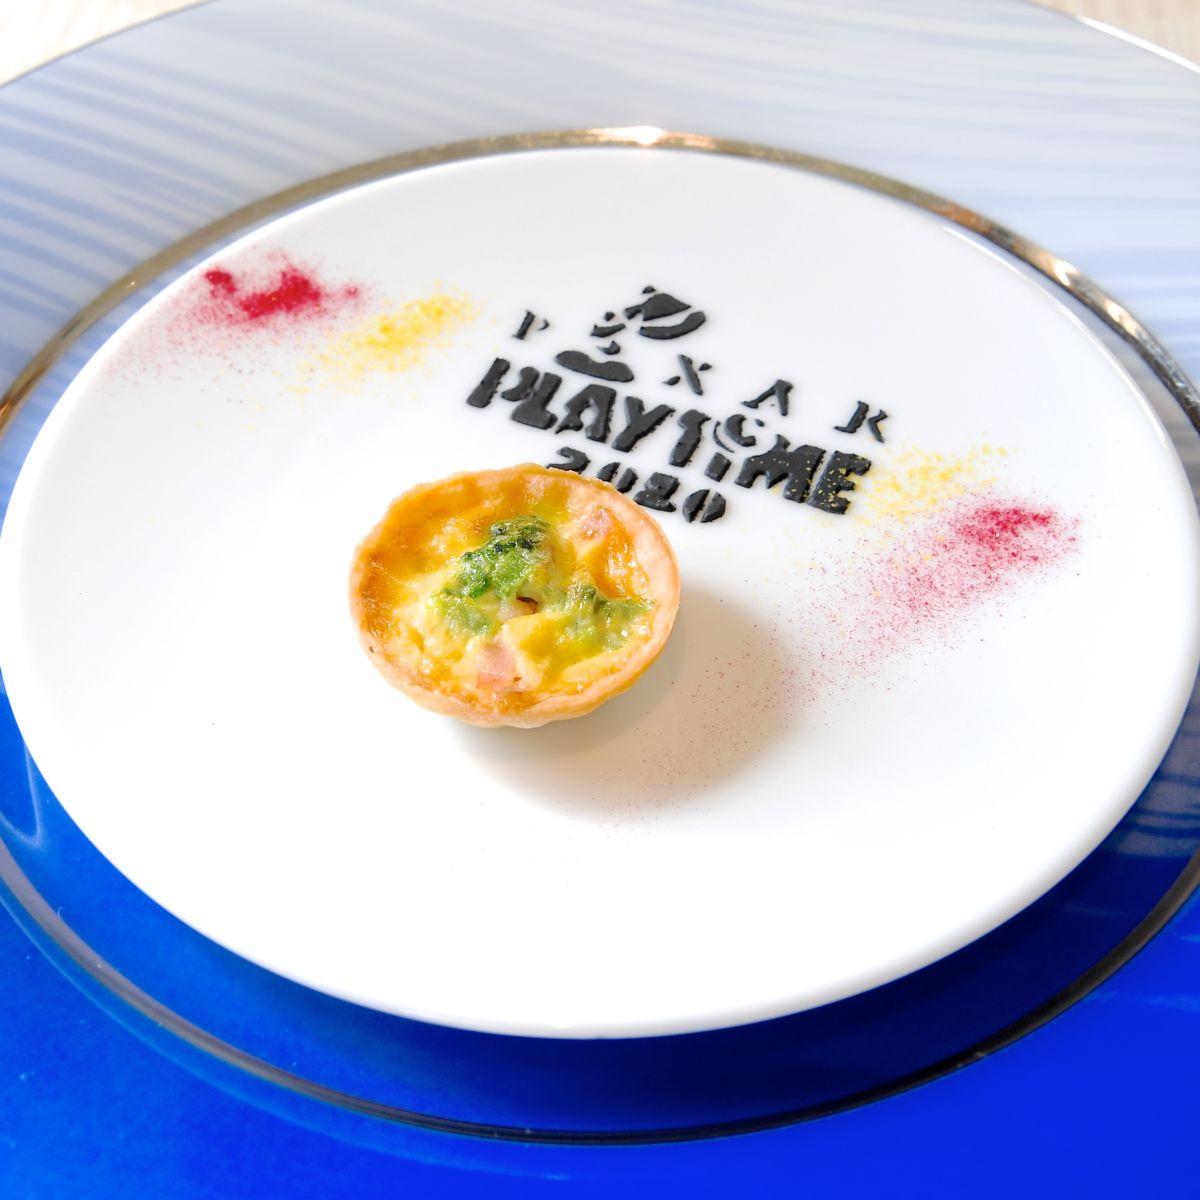 菜の花とベーコンの小さなキッシュ